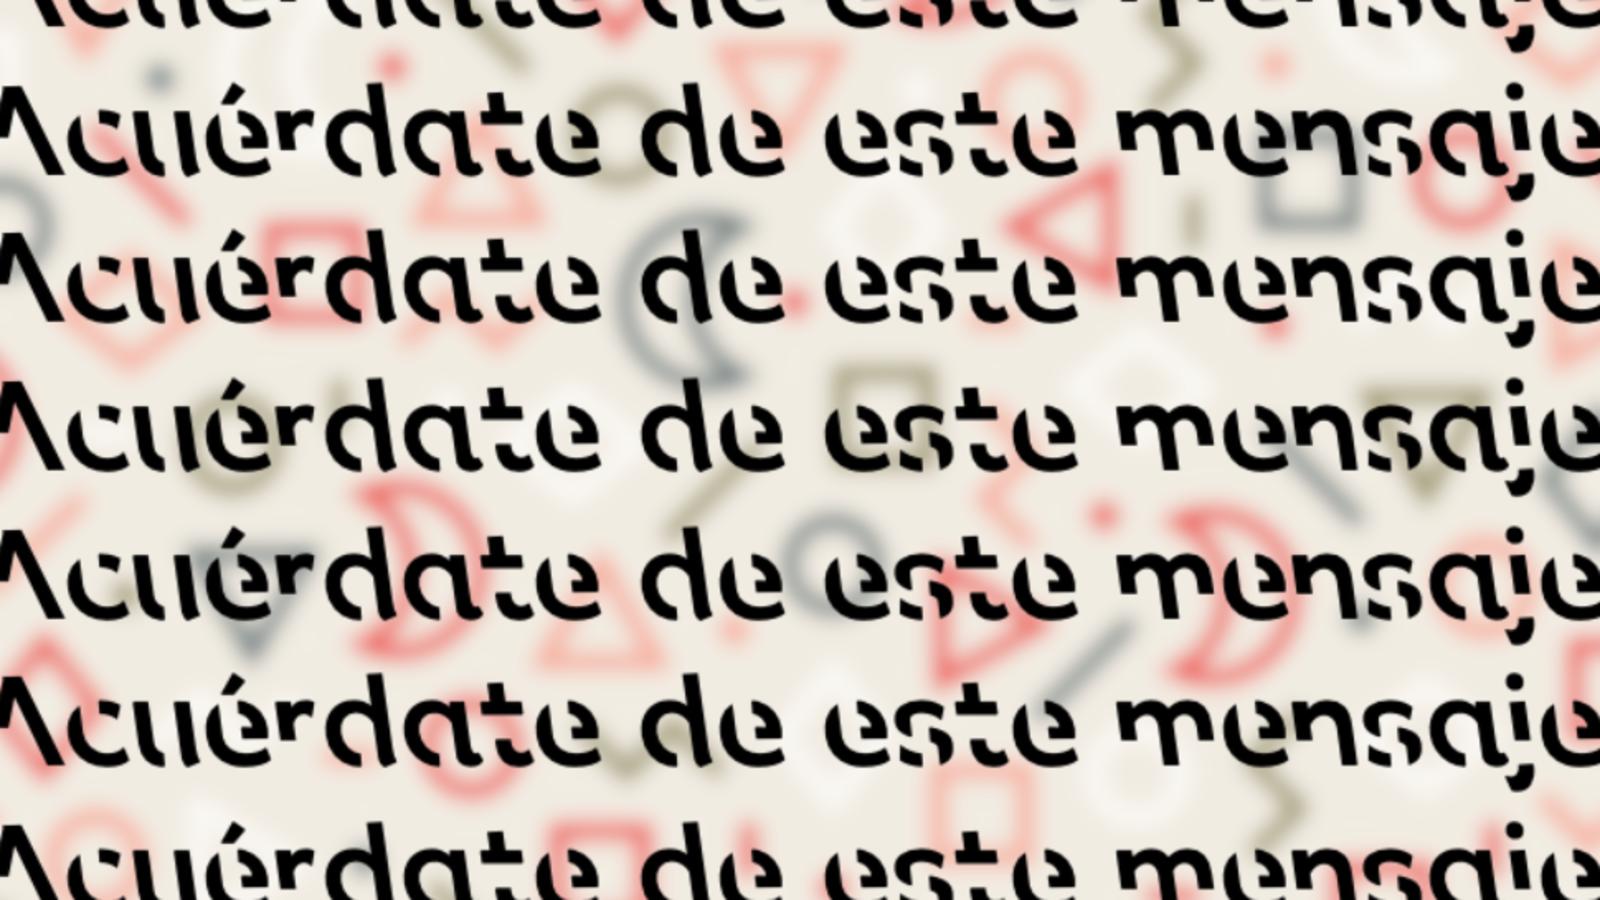 Nueva tipografía ayuda a recordar con facilidad lo que se lee